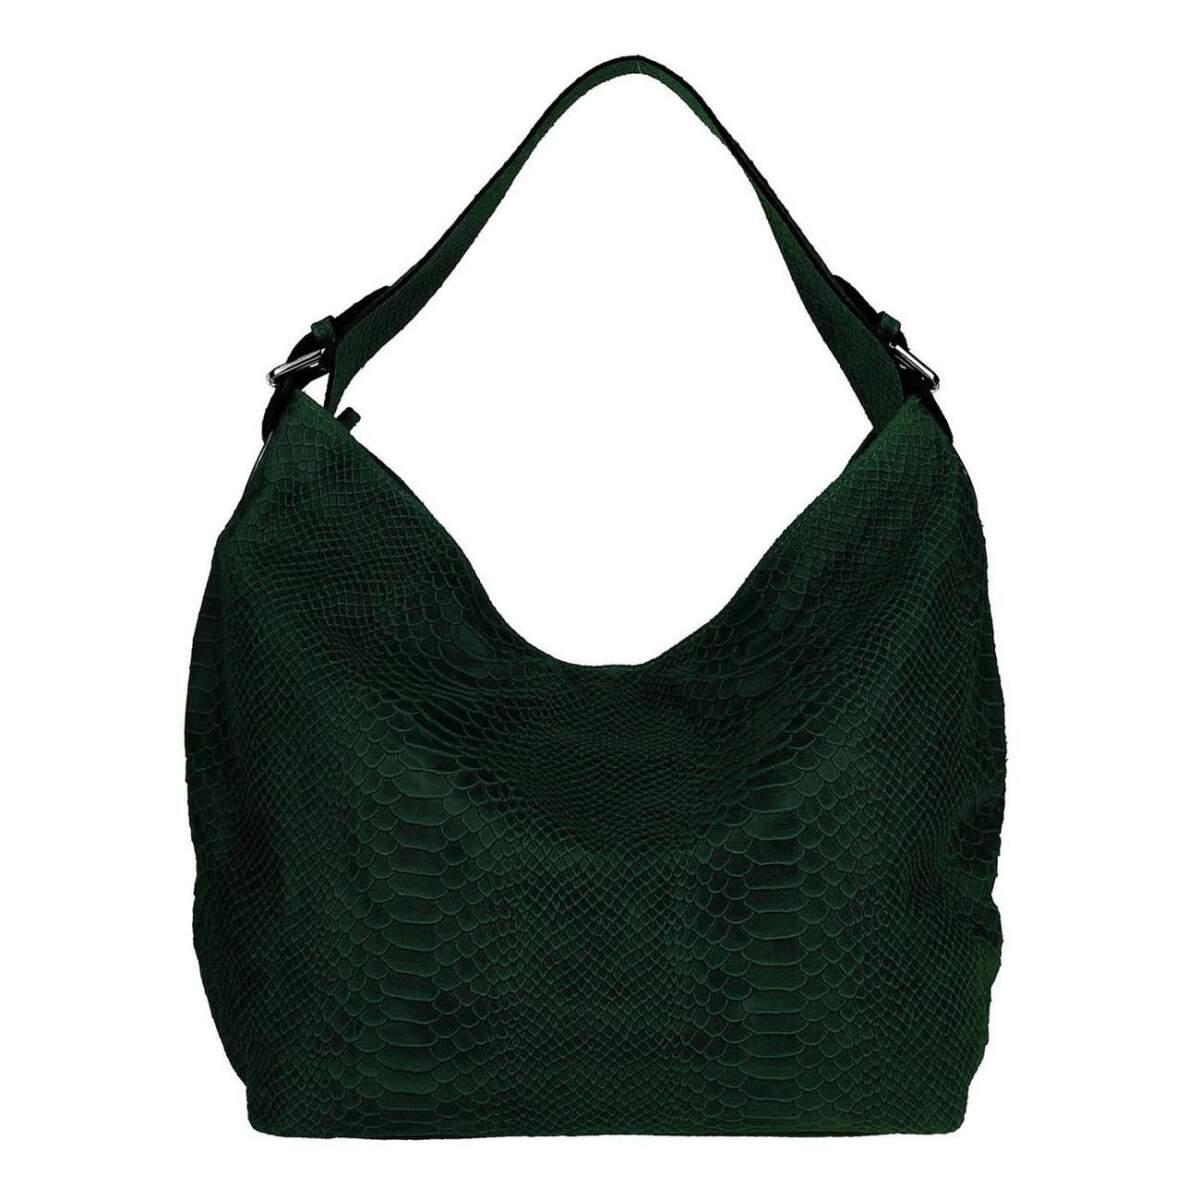 3ea51f9f42793f Rue Princesse Women's Shoulder Bag Green Dark Green, 79,90 €